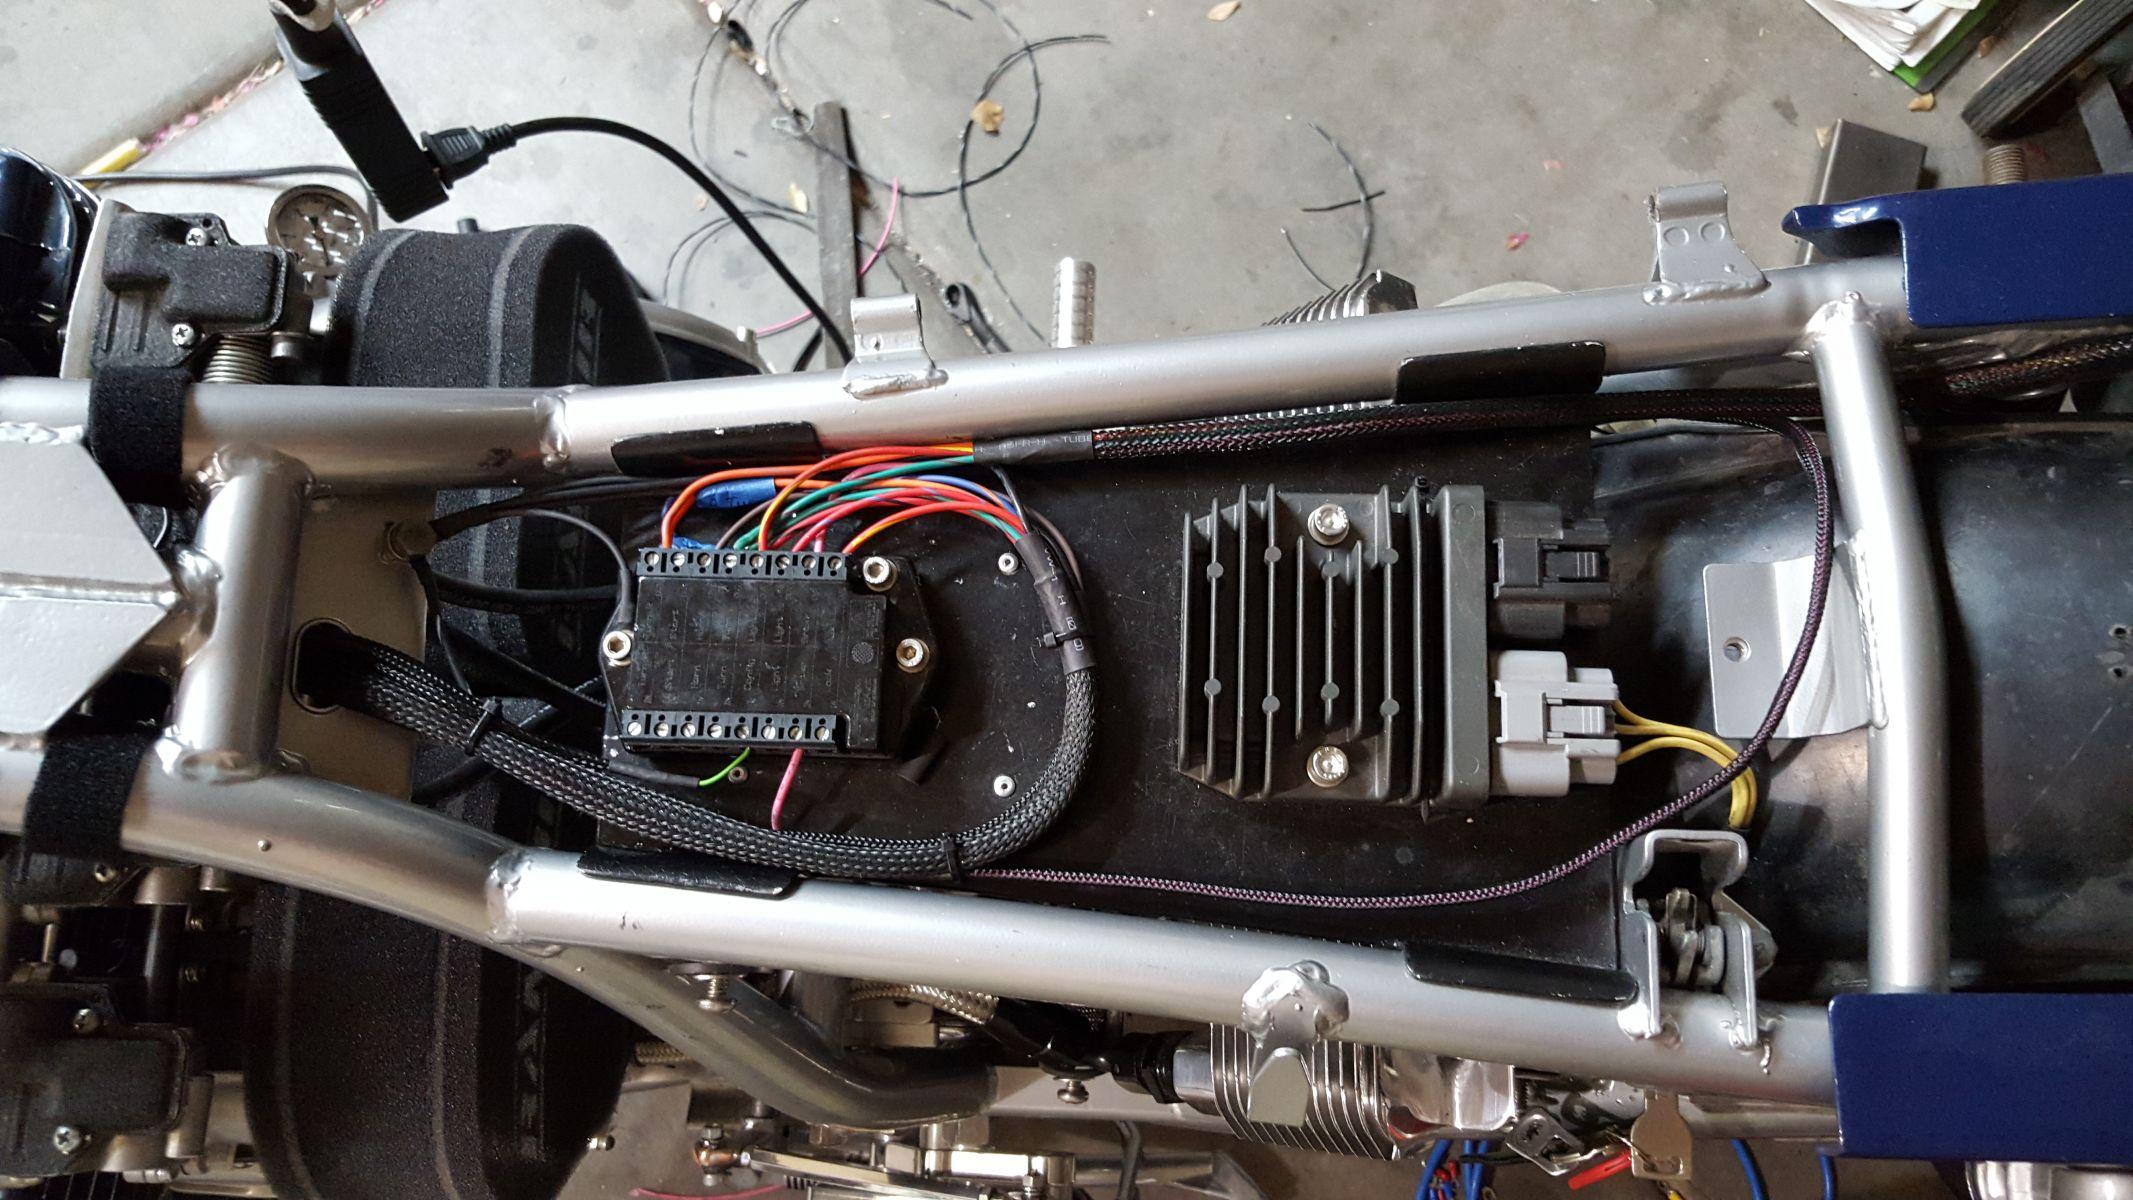 Motogadget M-Unit - KZRider Forum - KZRider, KZ, Z1 & Z ... on jensen wiring diagram, champion wiring diagram, hogtunes wiring diagram, mallory ignition wiring diagram, ctek wiring diagram, jbl wiring diagram, dynatek wiring diagram, metalux wiring diagram, kuryakyn wiring diagram, kicker wiring diagram, s100 wiring diagram, koso wiring diagram, acerbis wiring diagram, roaring toyz wiring diagram,